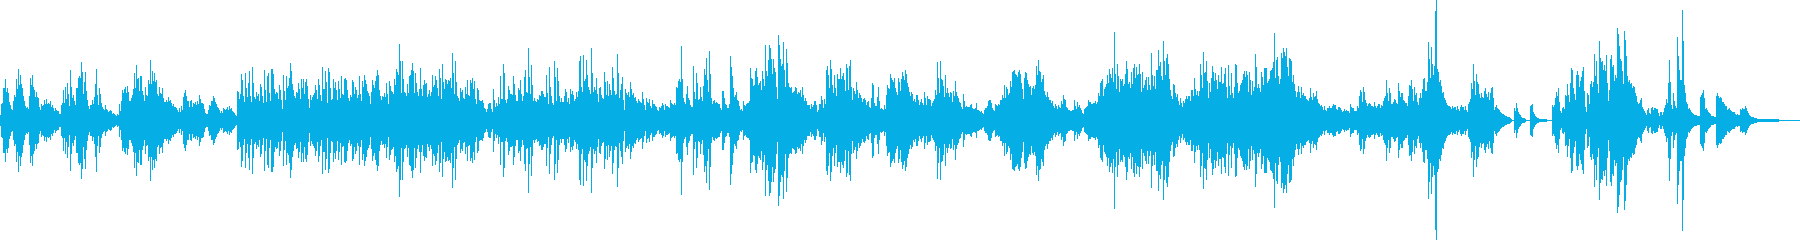 悲しみを乗り越えて(ピアノソロ・決意)の再生済みの波形